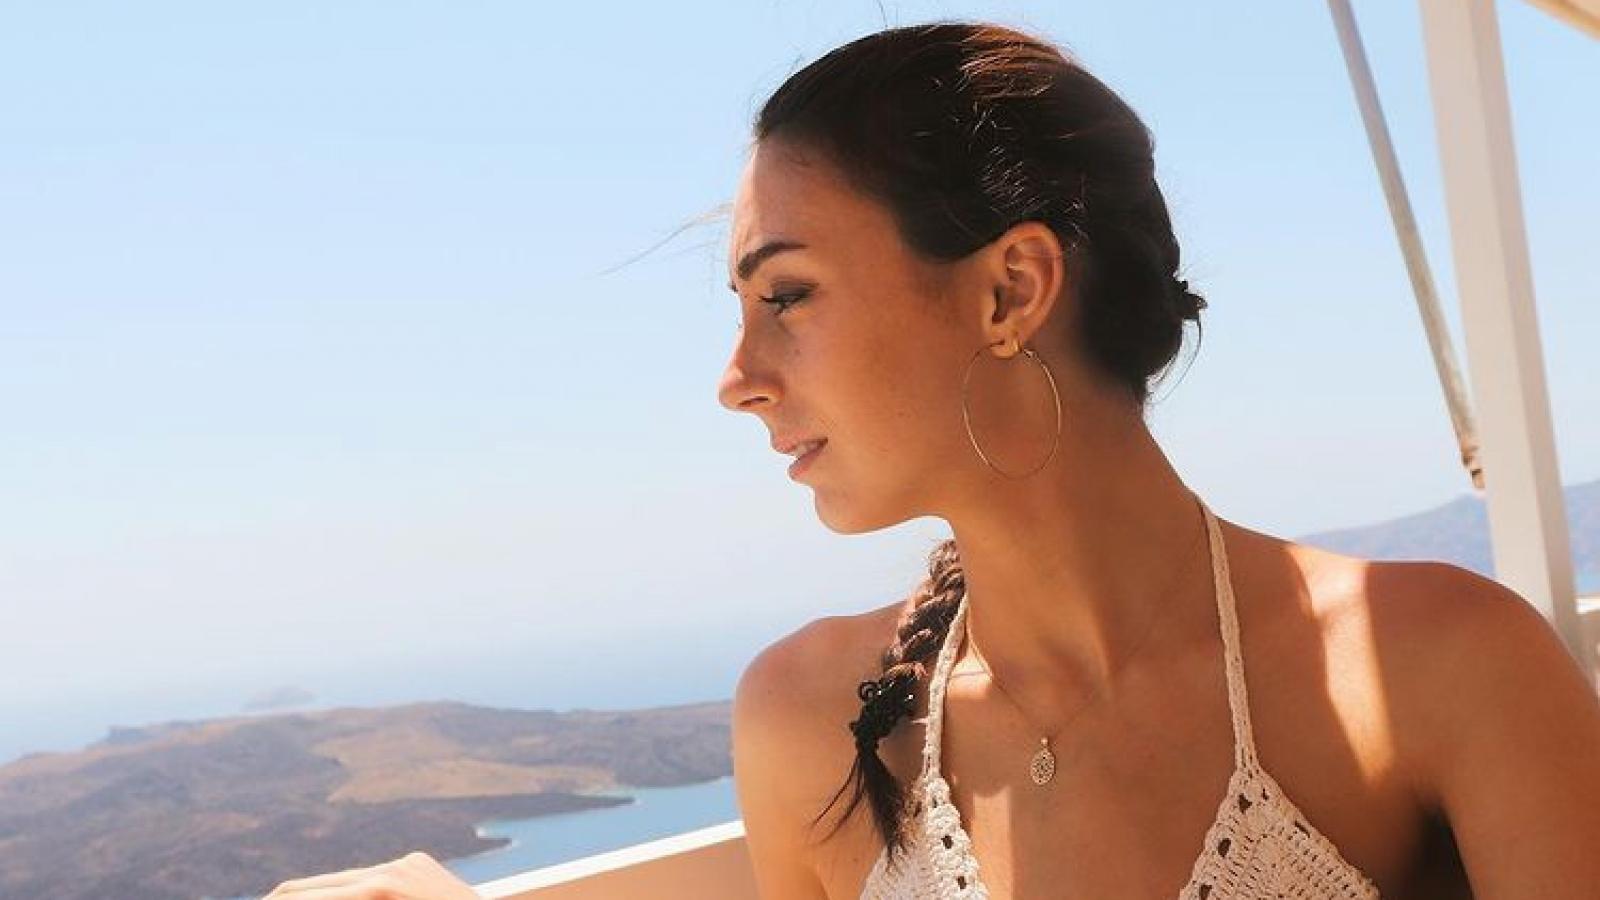 Vẻ đẹp ngọt ngào của mỹ nhân lai được bổ nhiệm trở thành Hoa hậu Hòa bình Pháp 2021